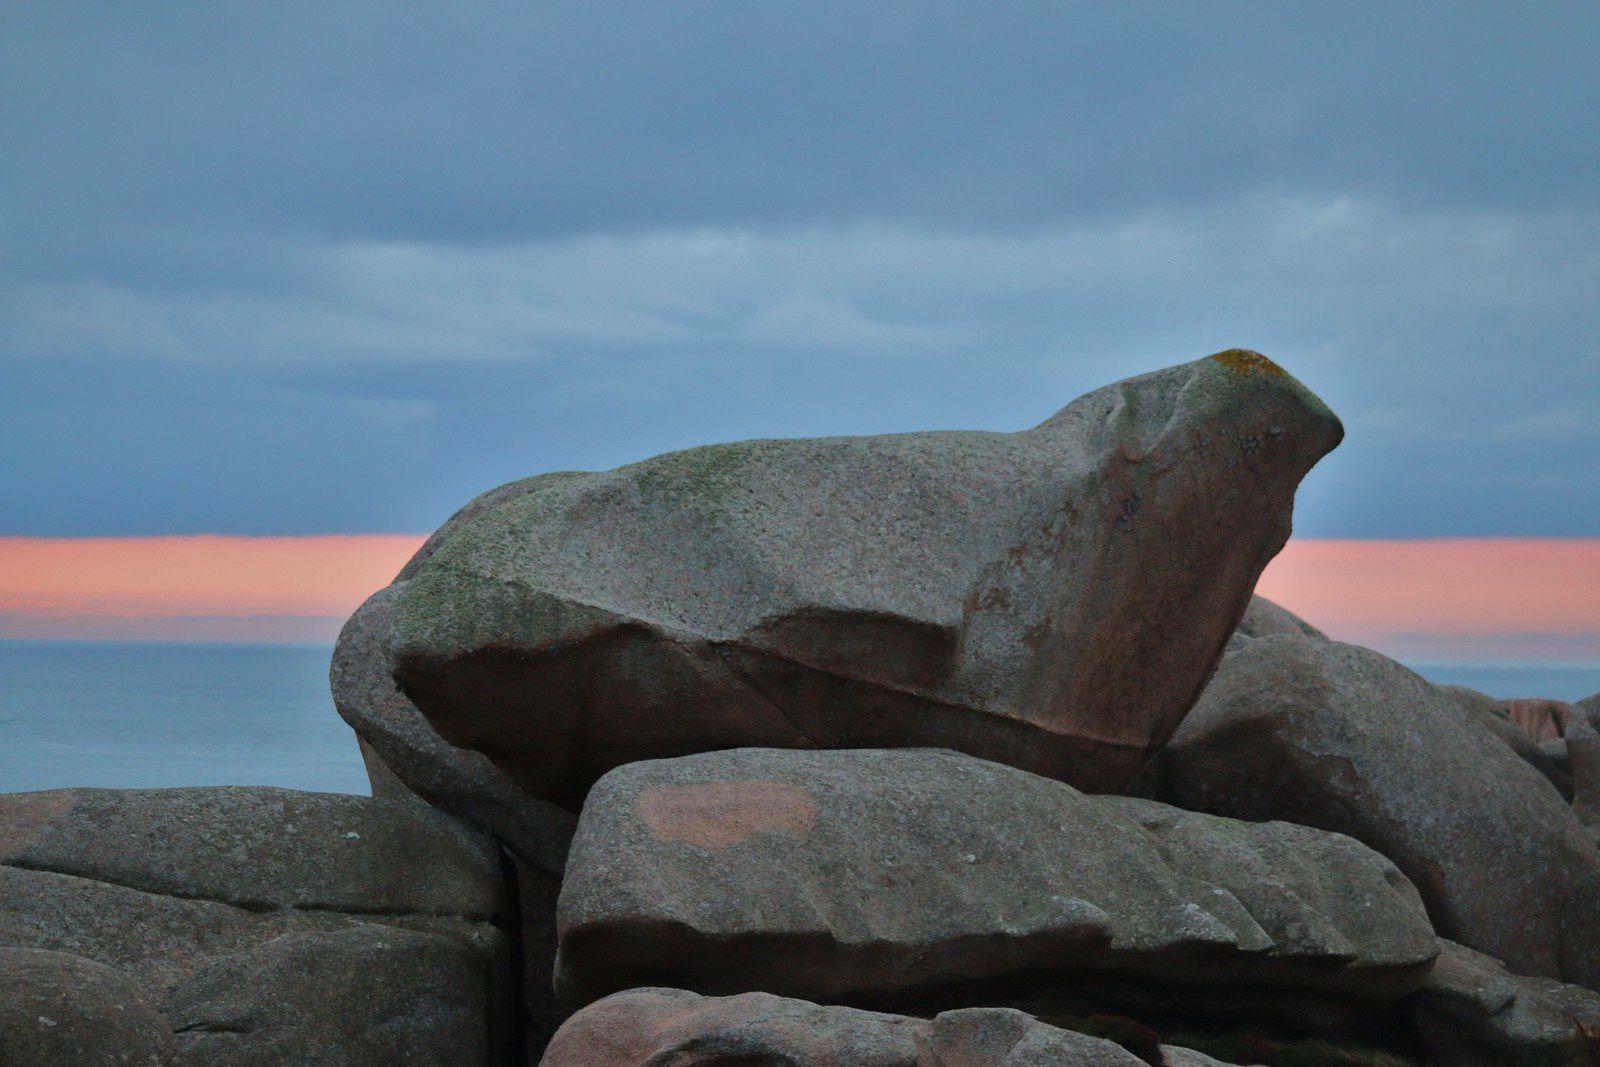 Rochers remarquables des landes de Ploumanac'h (2/2)